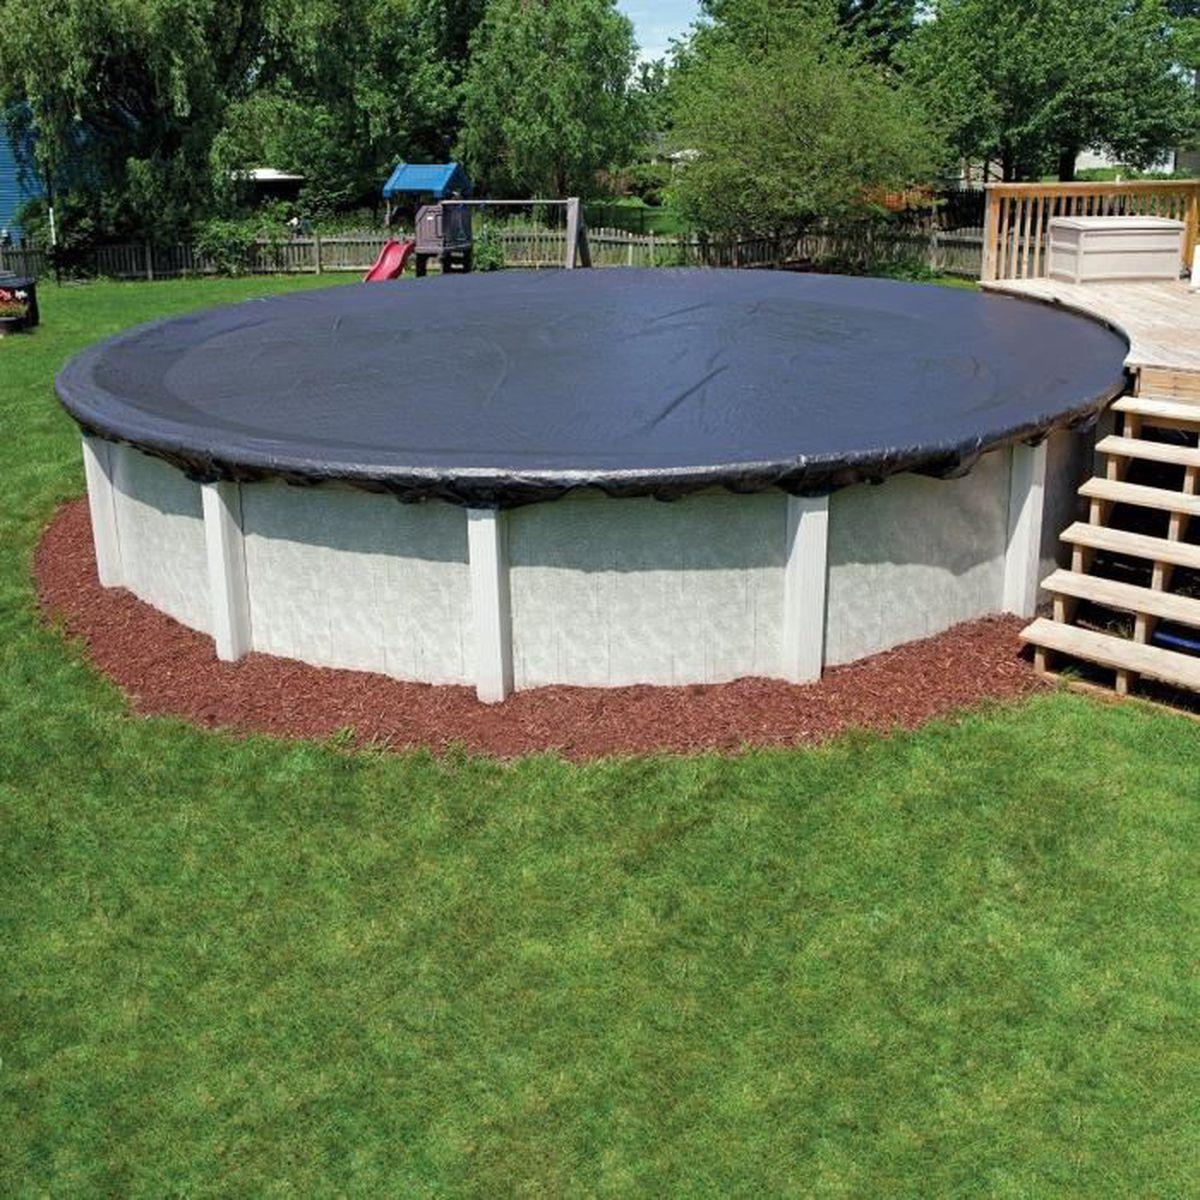 bache piscine hors sol ronde ou octogonale pour bassin 5,50 m